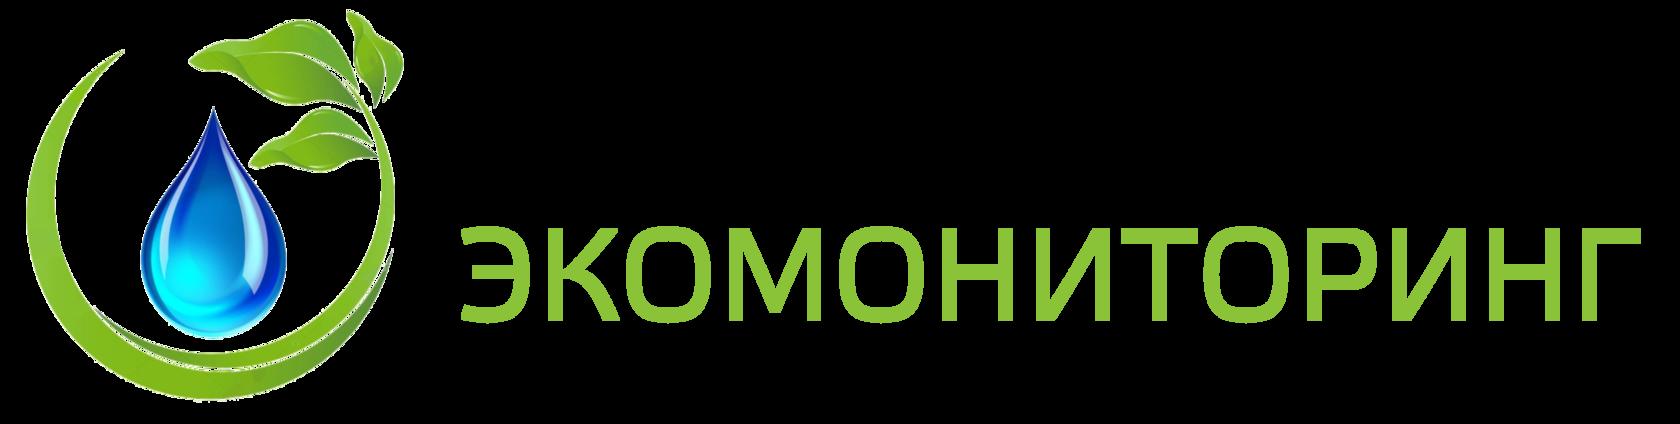 ЭКОМОНИТОРИНГ – центр экологических экспертиз